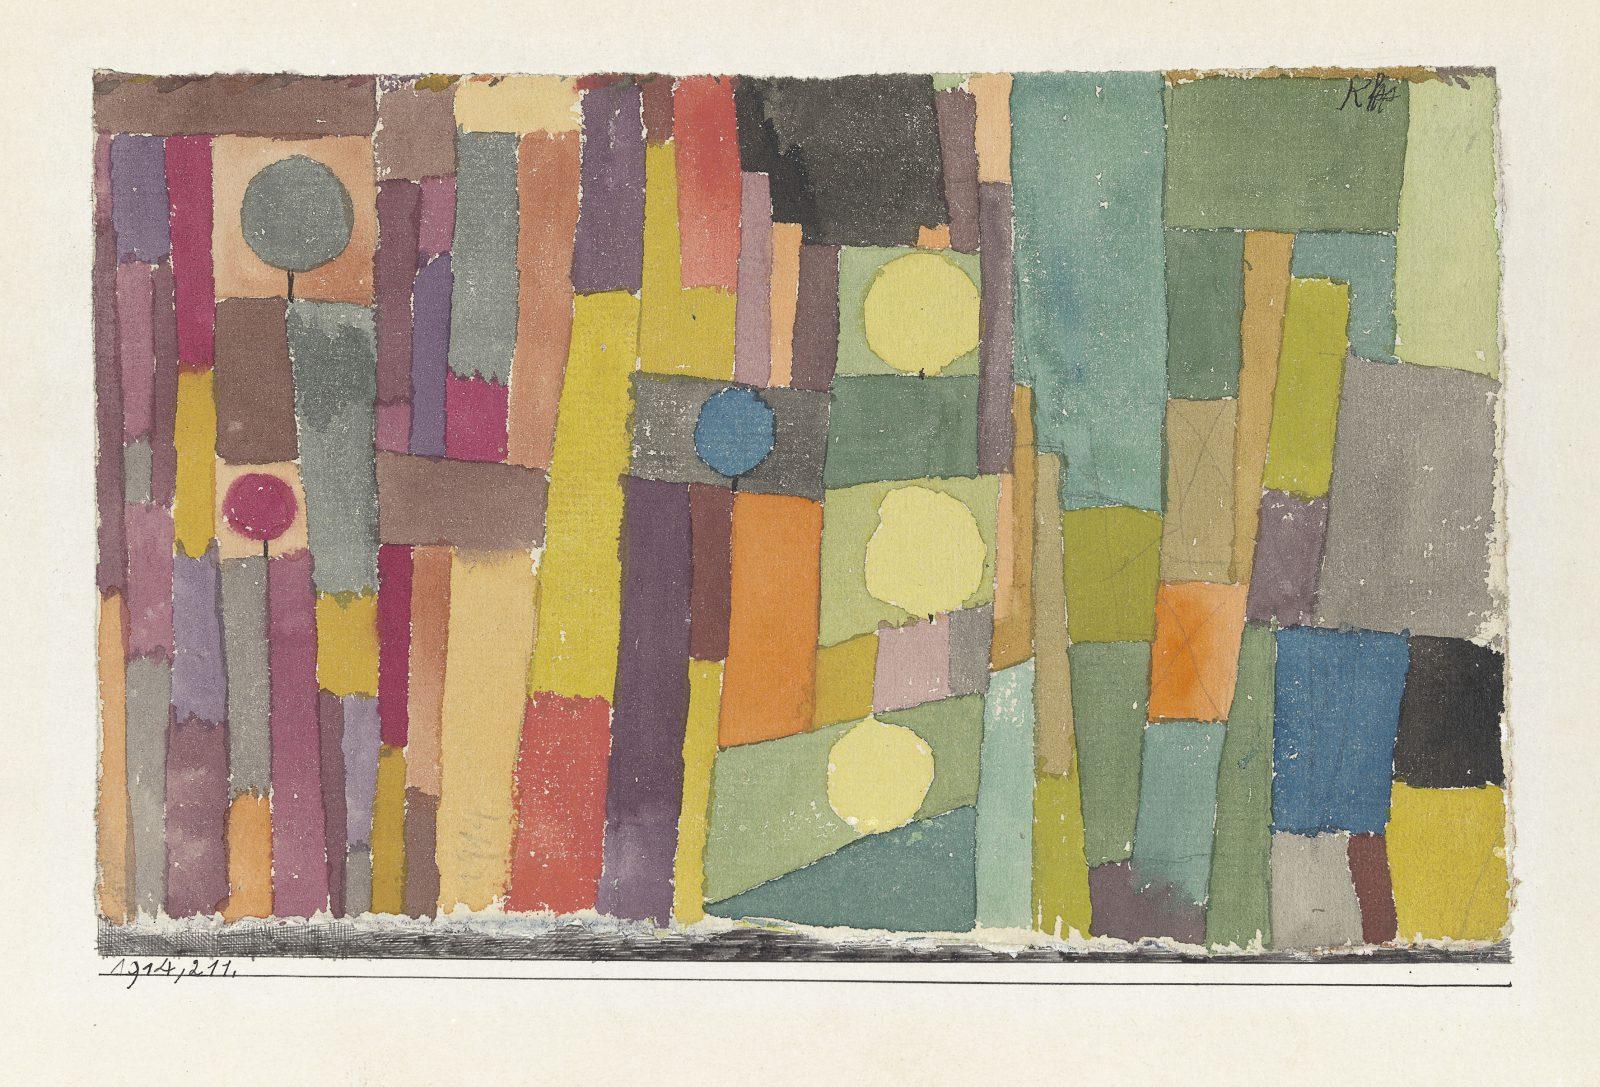 Riehen Paul Klee Dans le style de Kairouan